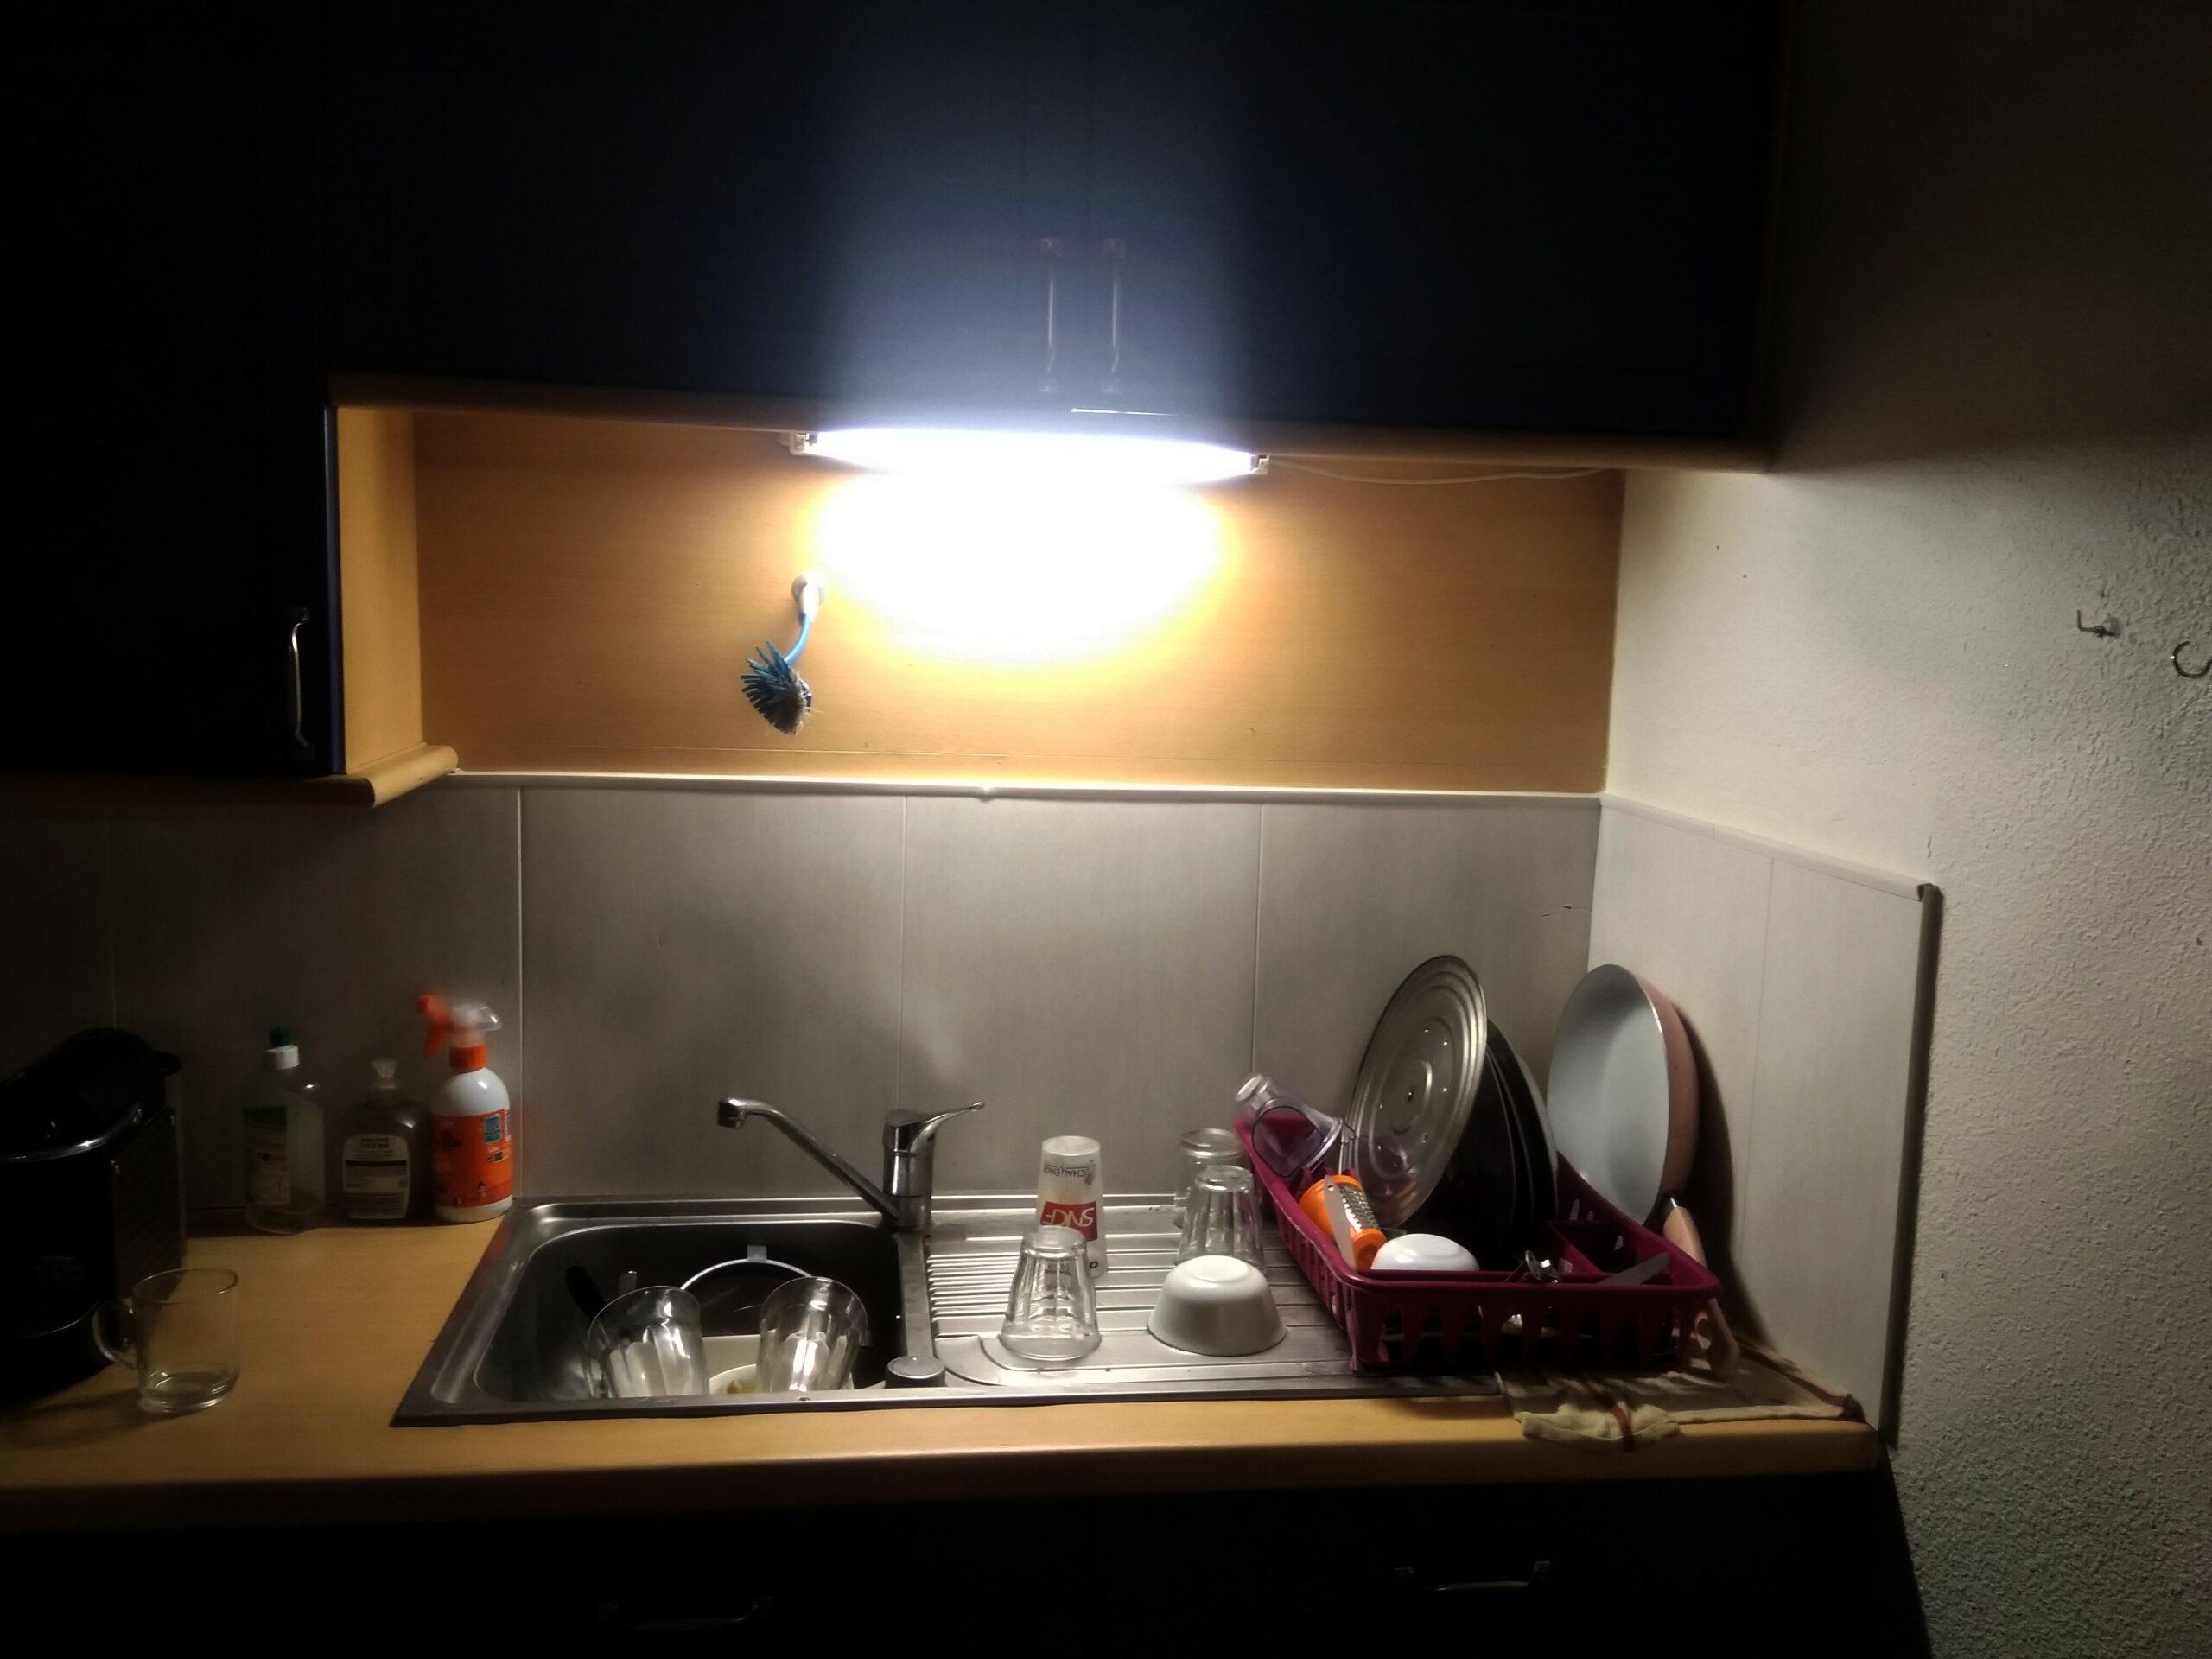 Photo d'un évier rempli de vaisselle et éclairé uniquement par un néon.